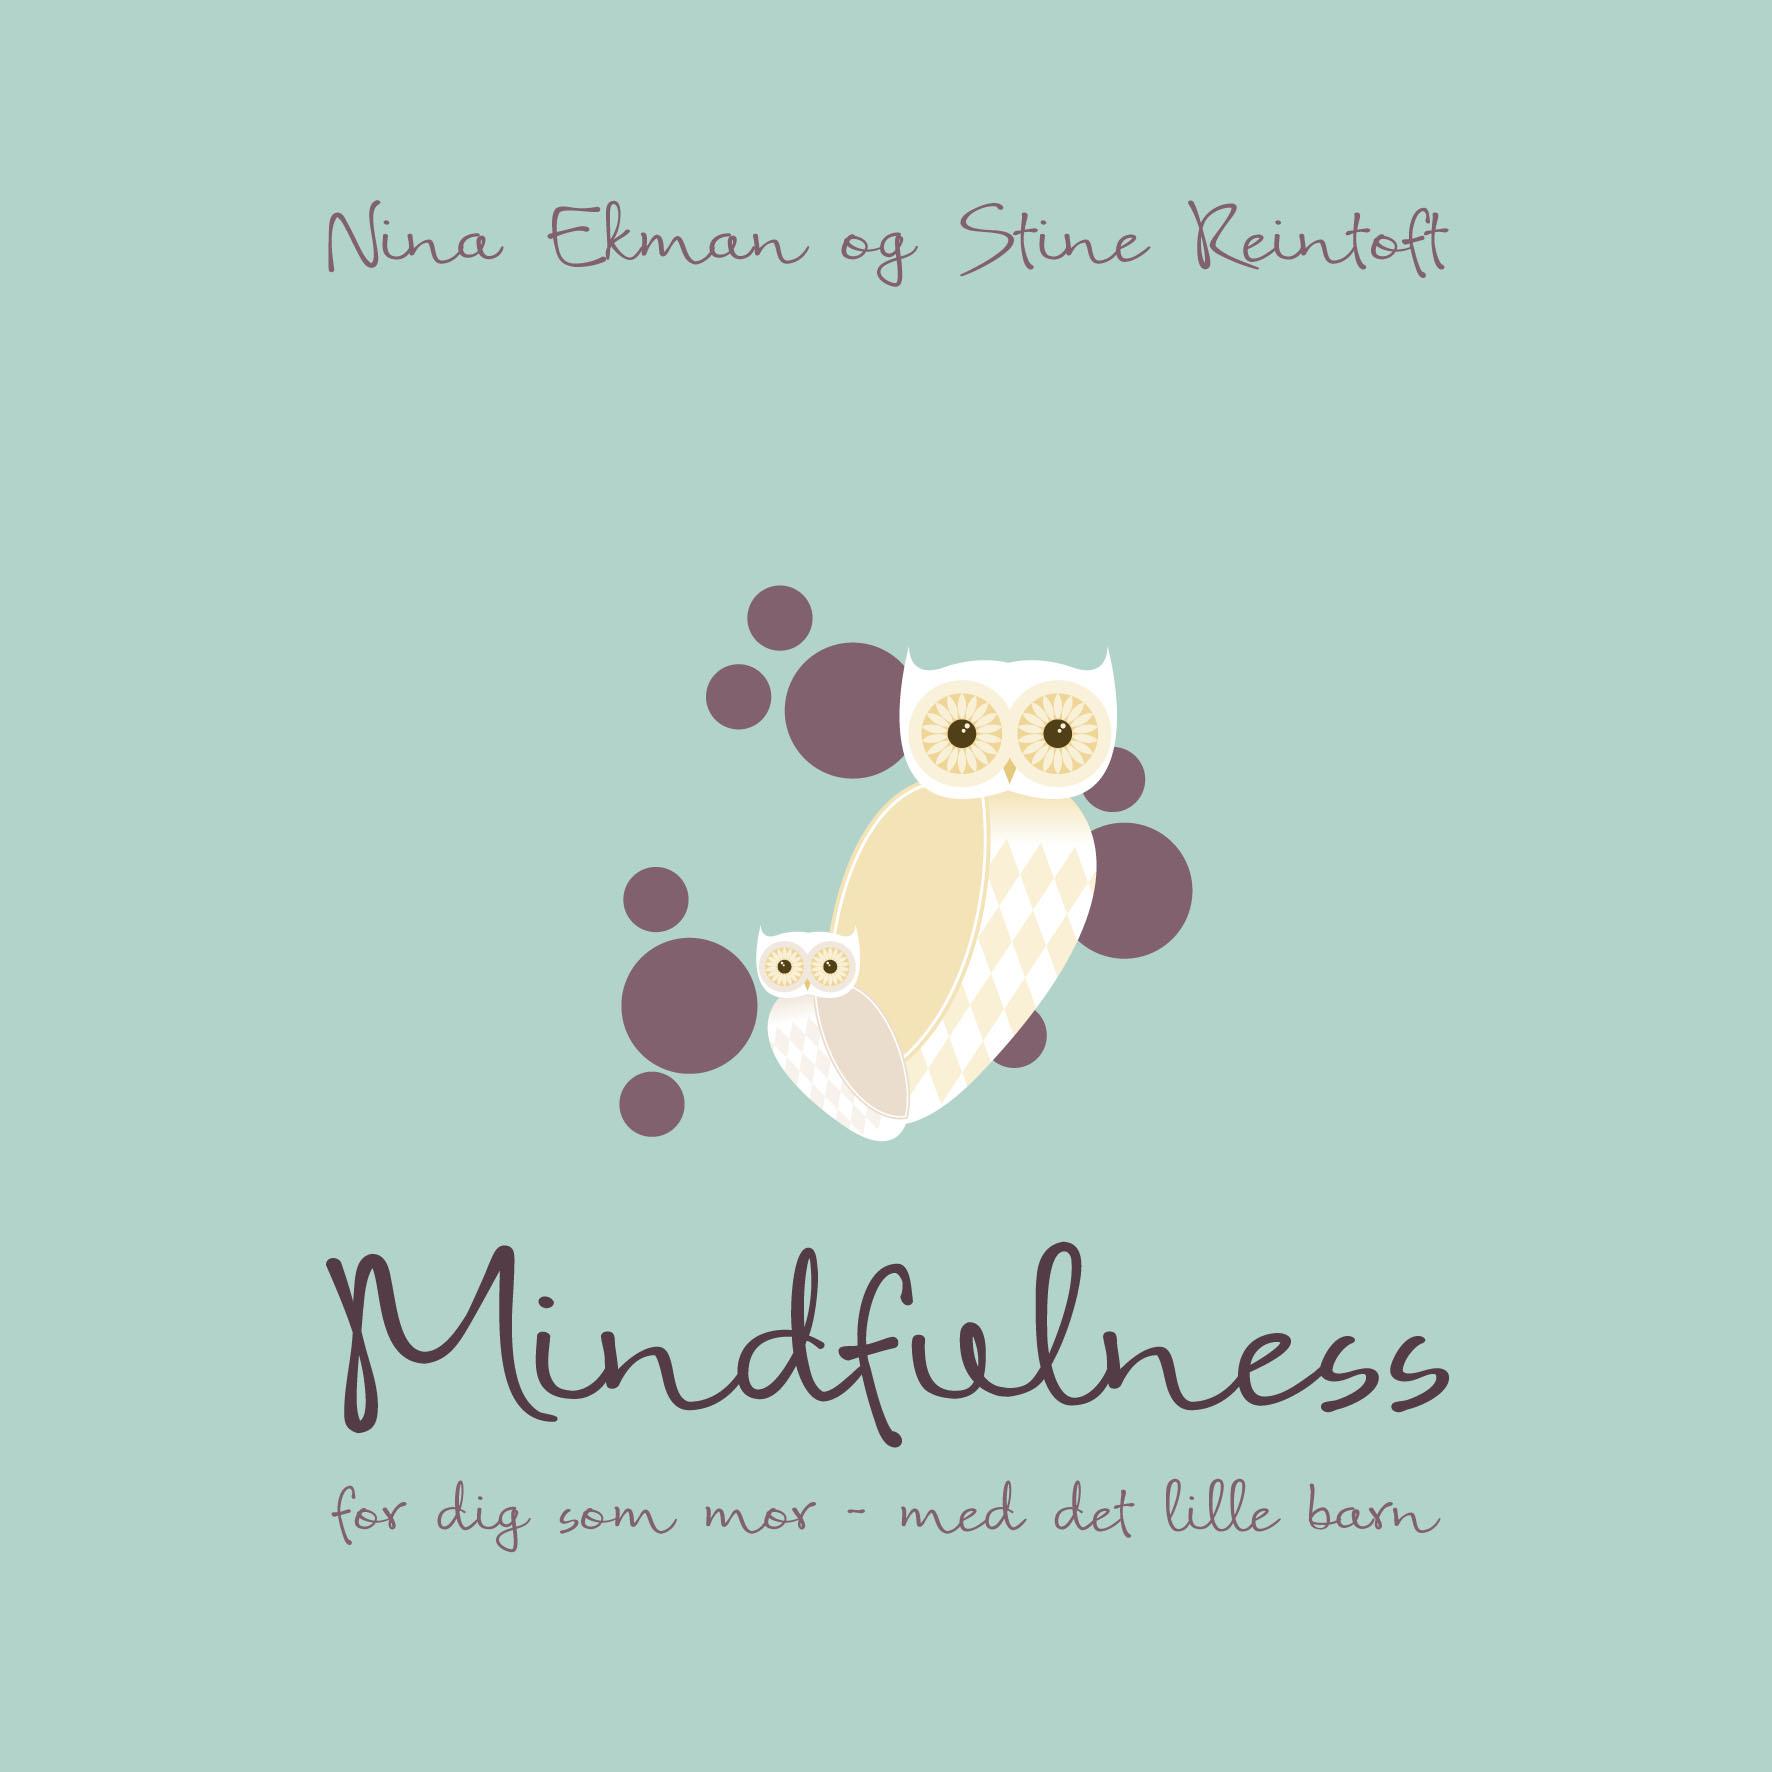 N/A Mindfulness for dig som mor med det lille barn - e-bog fra bog & mystik